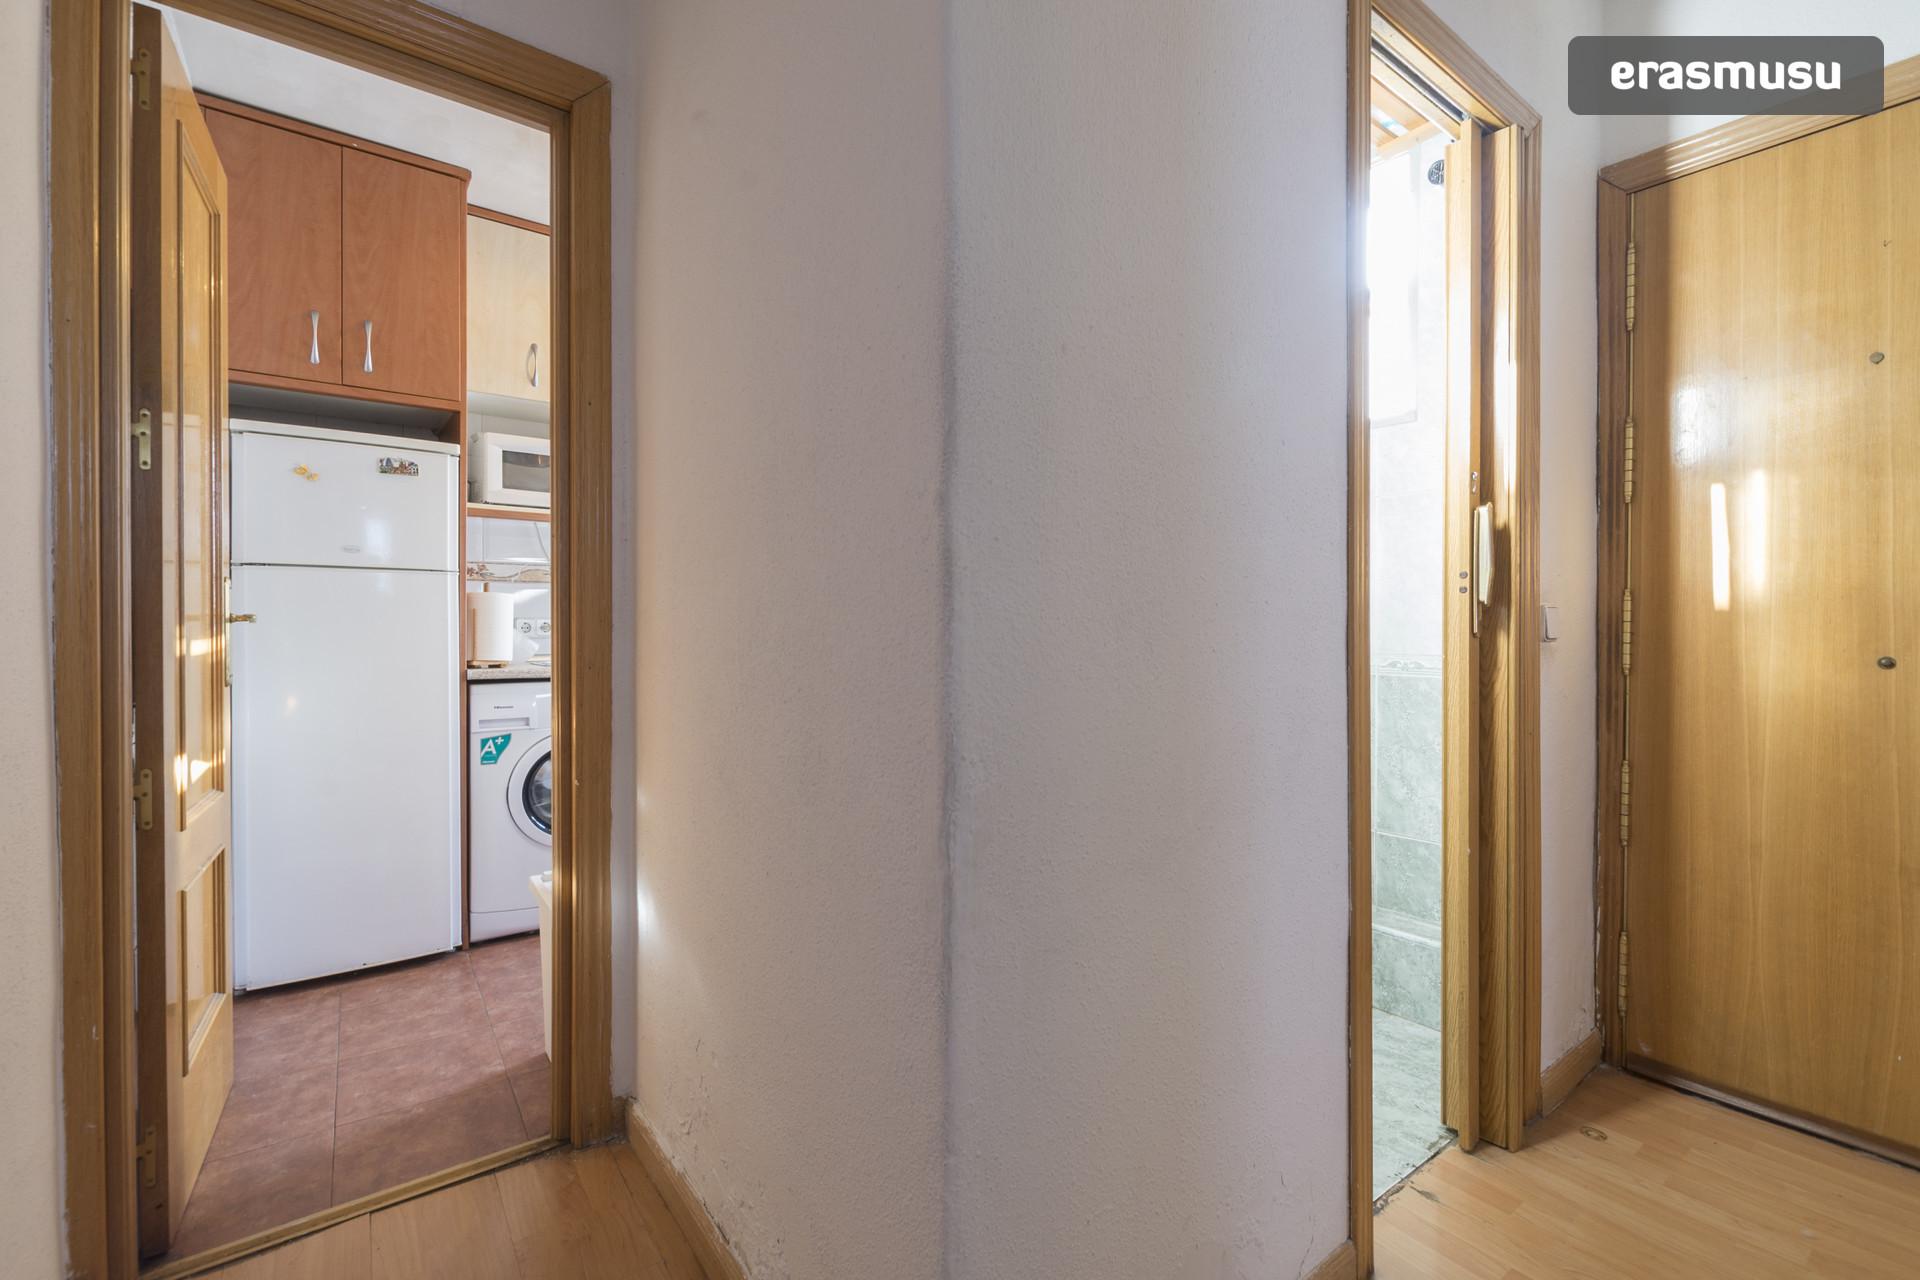 Estupenda habitación individual en Madrid para chico a partir de